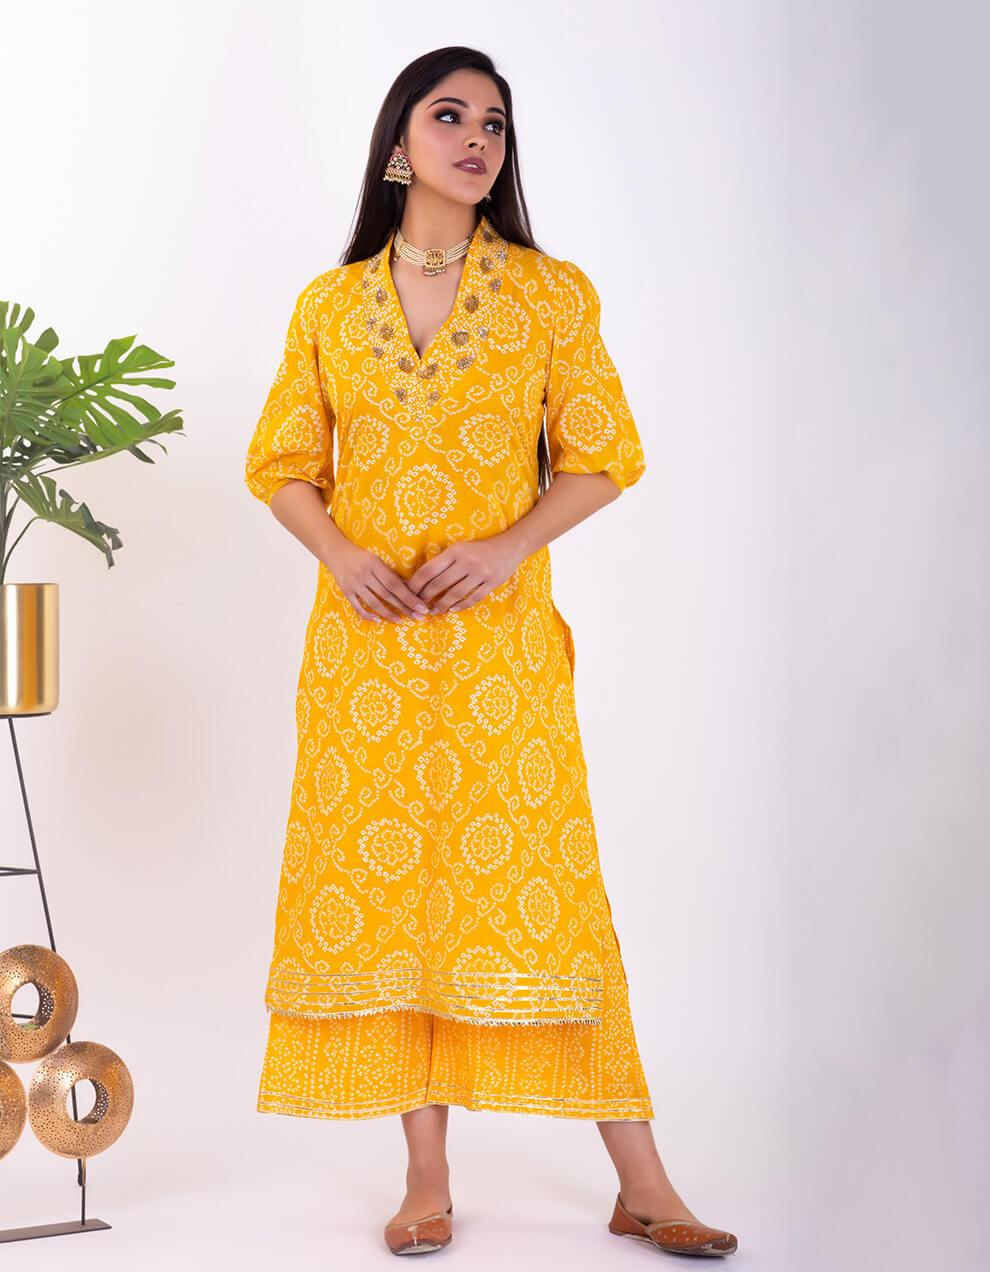 Best yellow bandhani cotton kurta designs